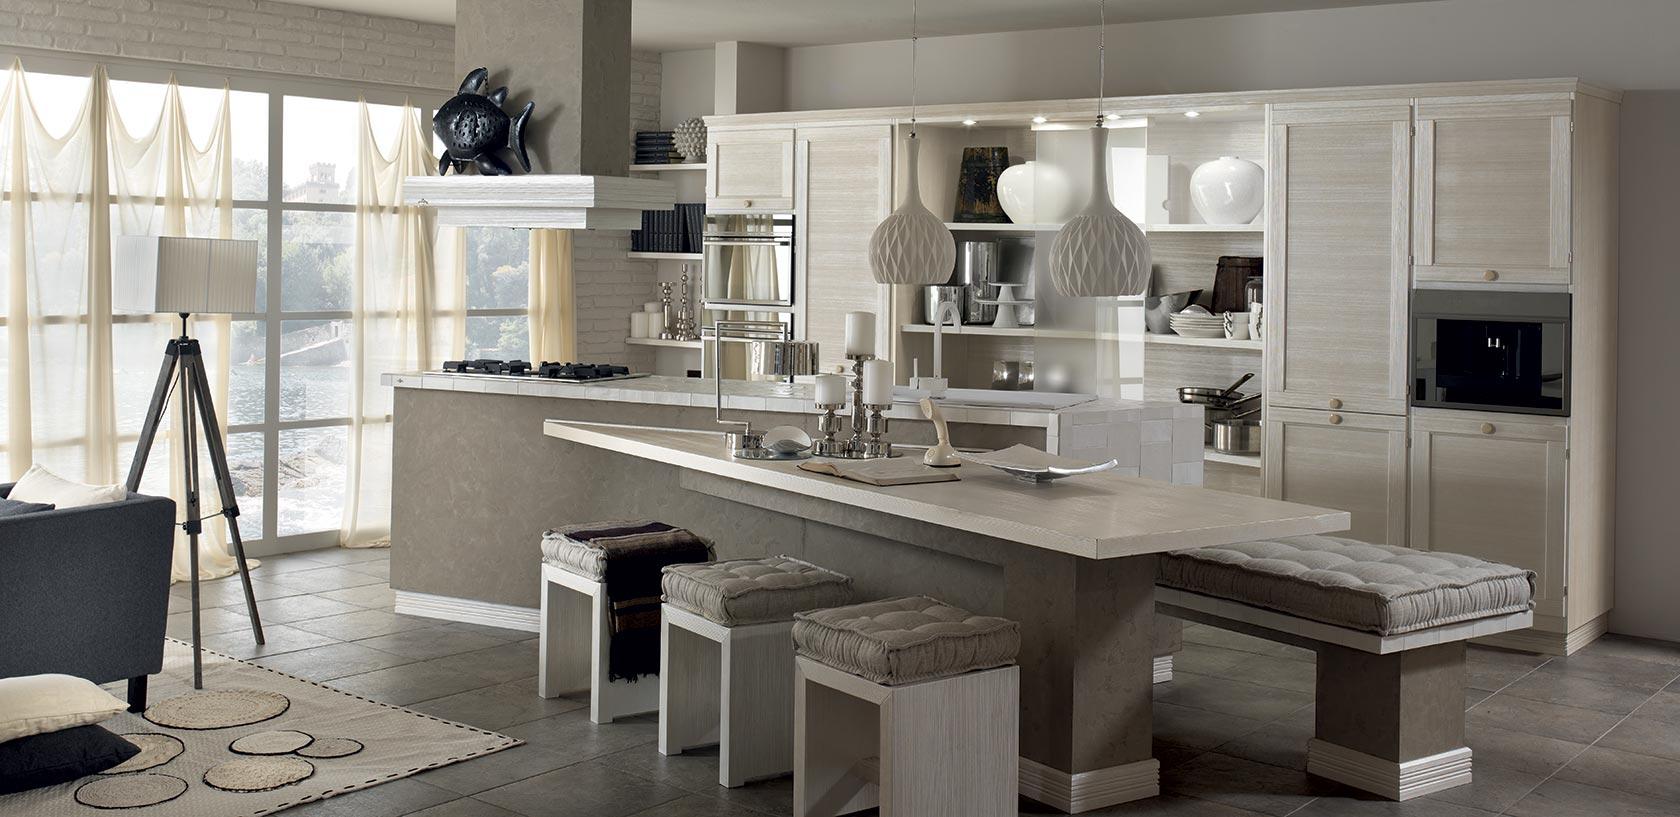 Foto Di Cucine Ikea | madgeweb.com idee di interior design